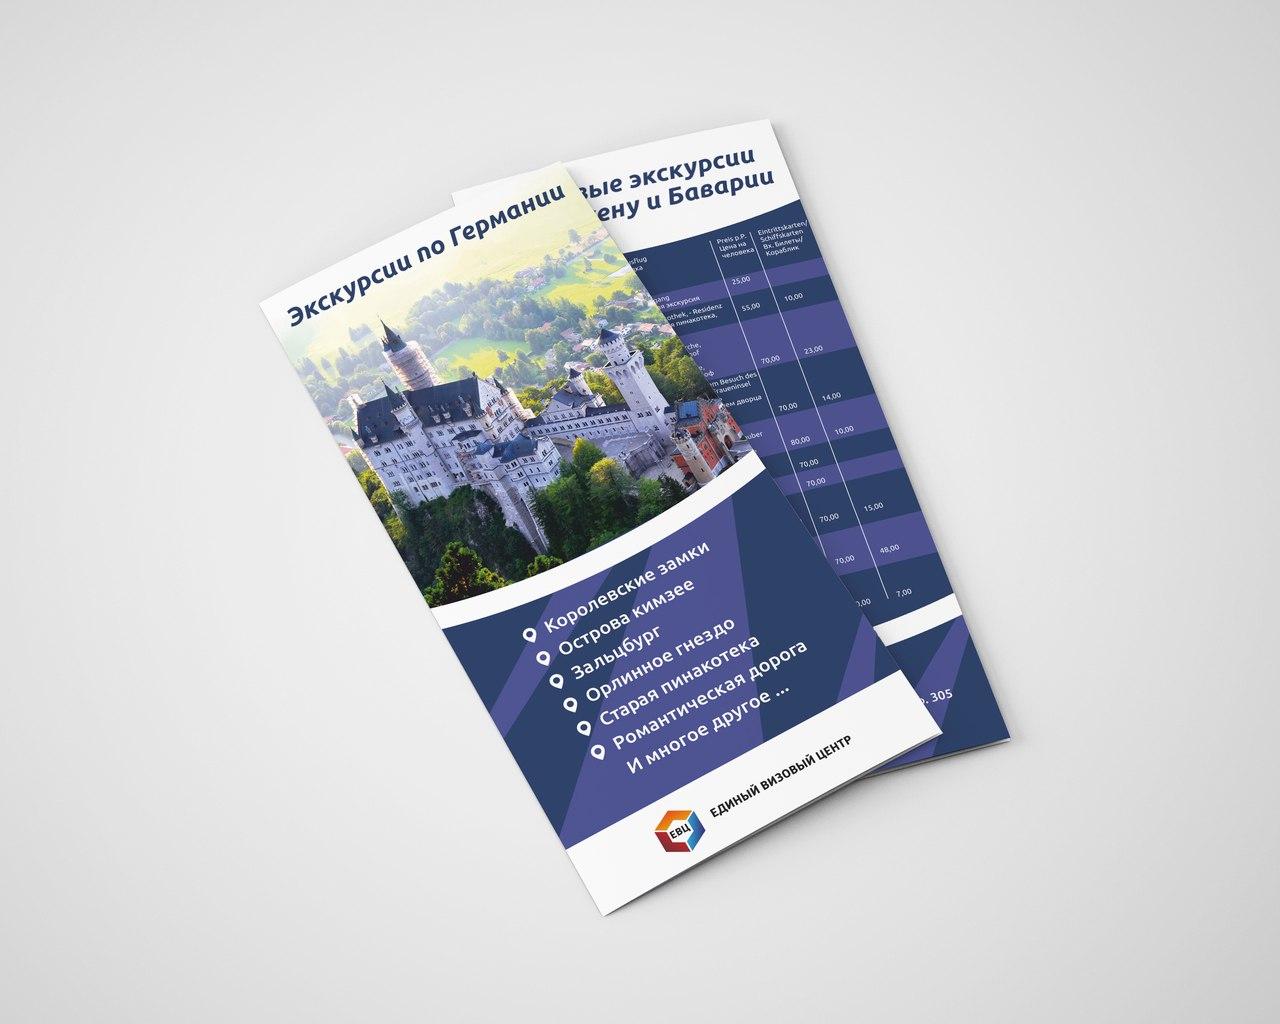 дизайн листовки Визового центра